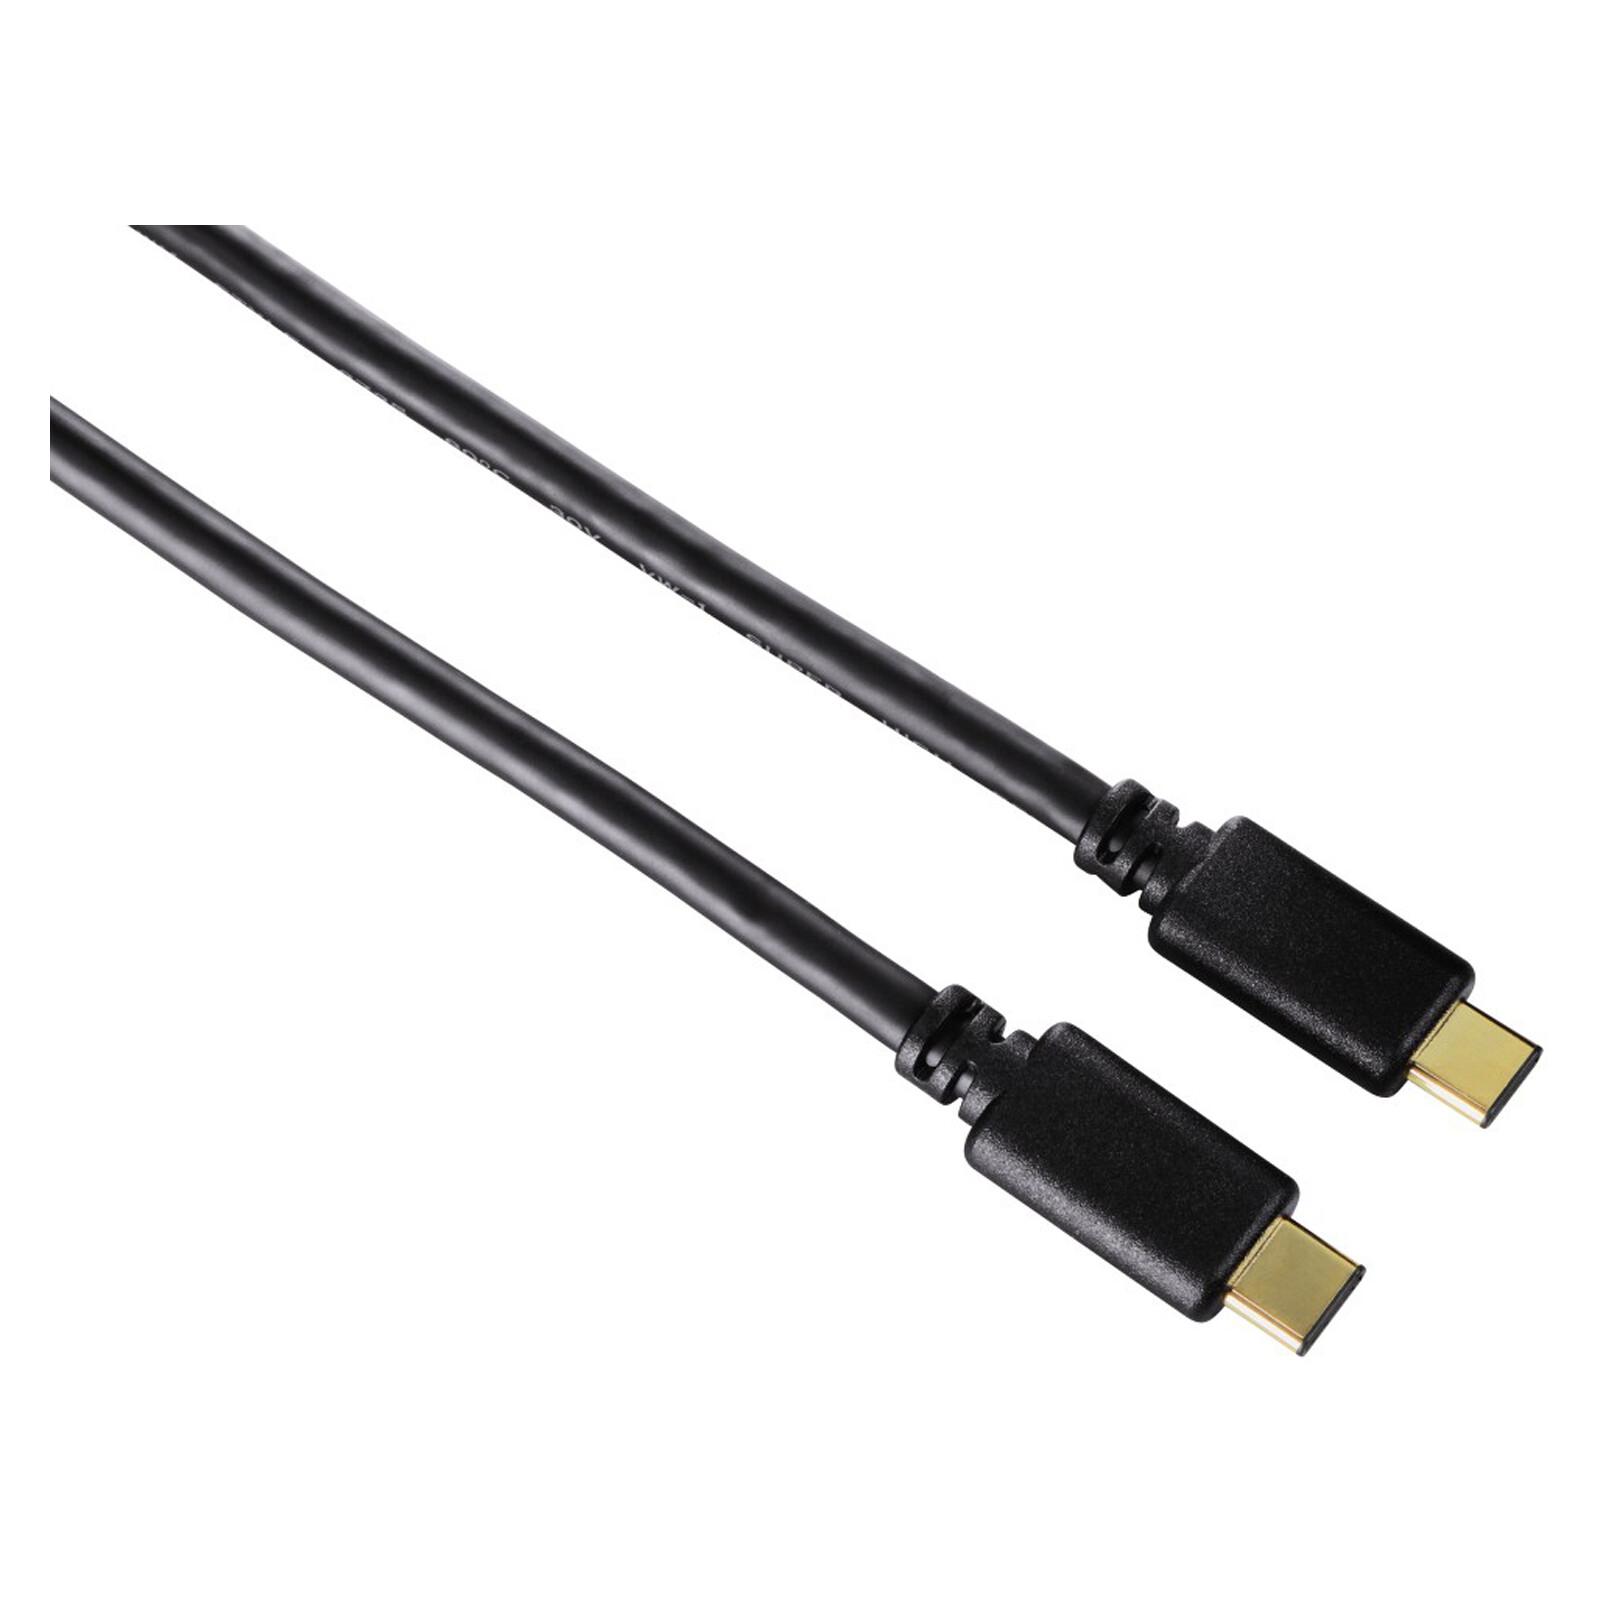 Hama 135719 USB 2.0 Type C Kabel vergoldet 0,75m